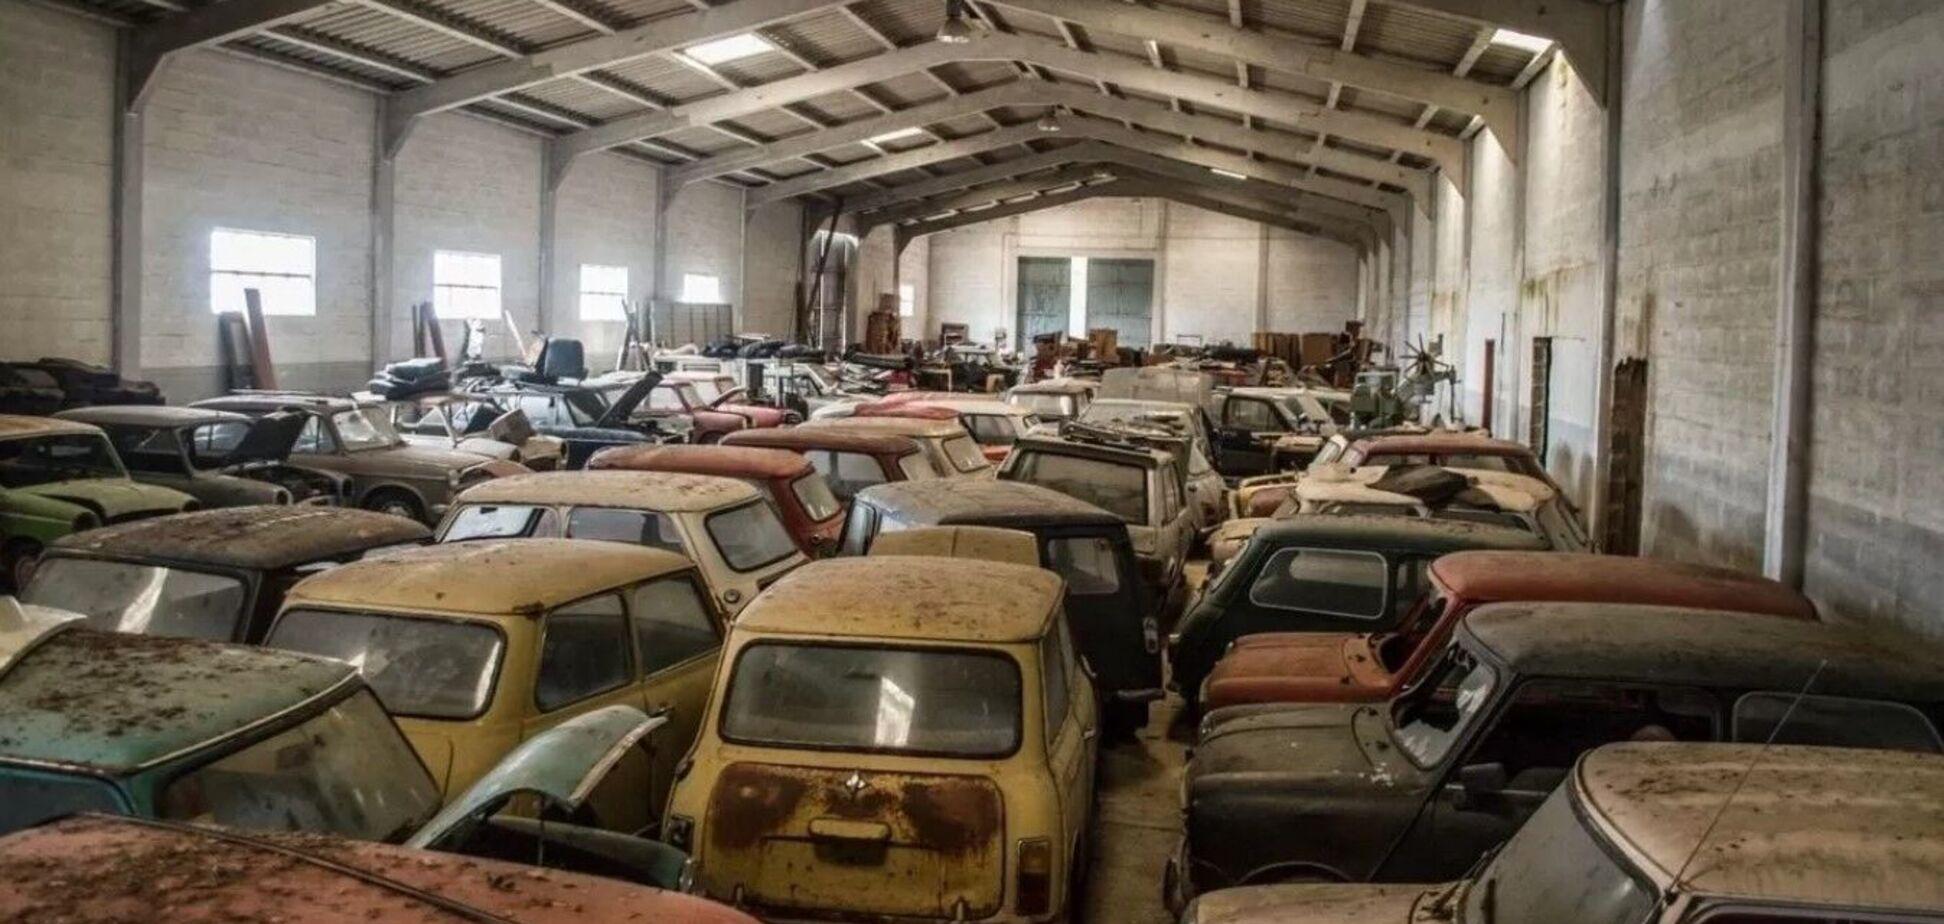 Мінімум 50 автомобілів Mini іржавіють на складі. Фото: carakoom.com